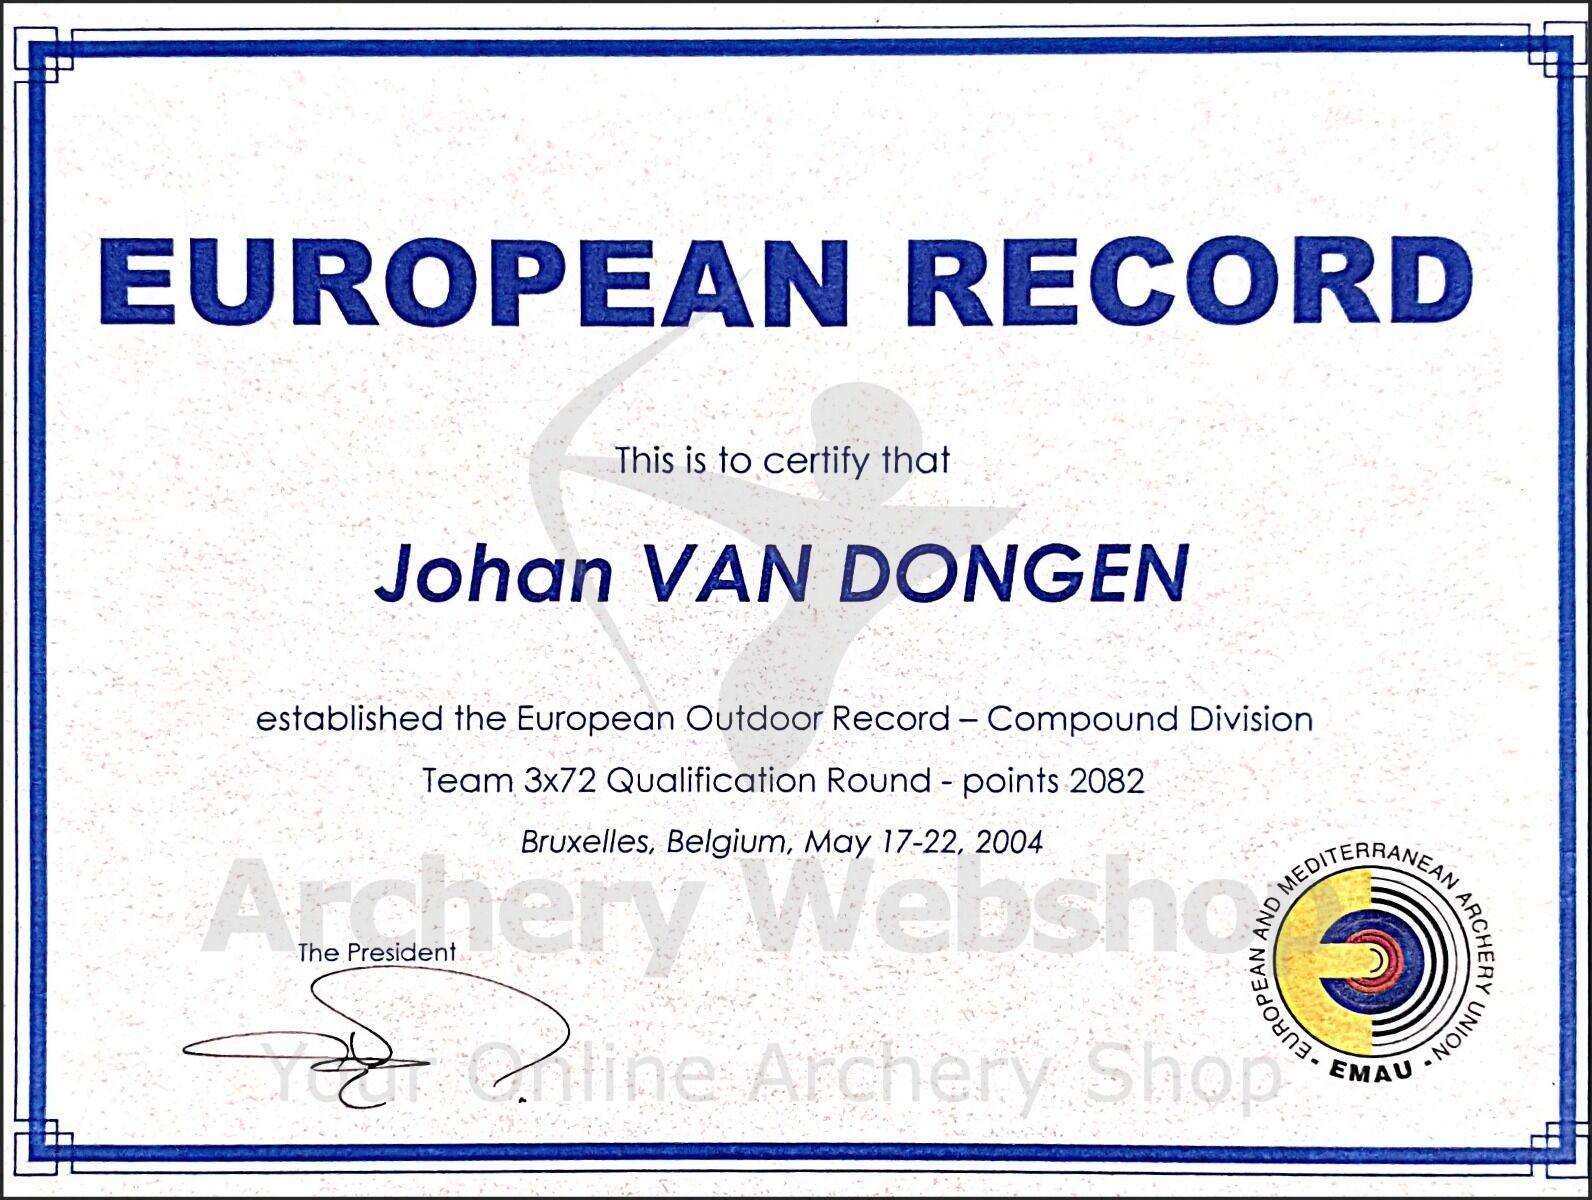 European Record Johan van dongen